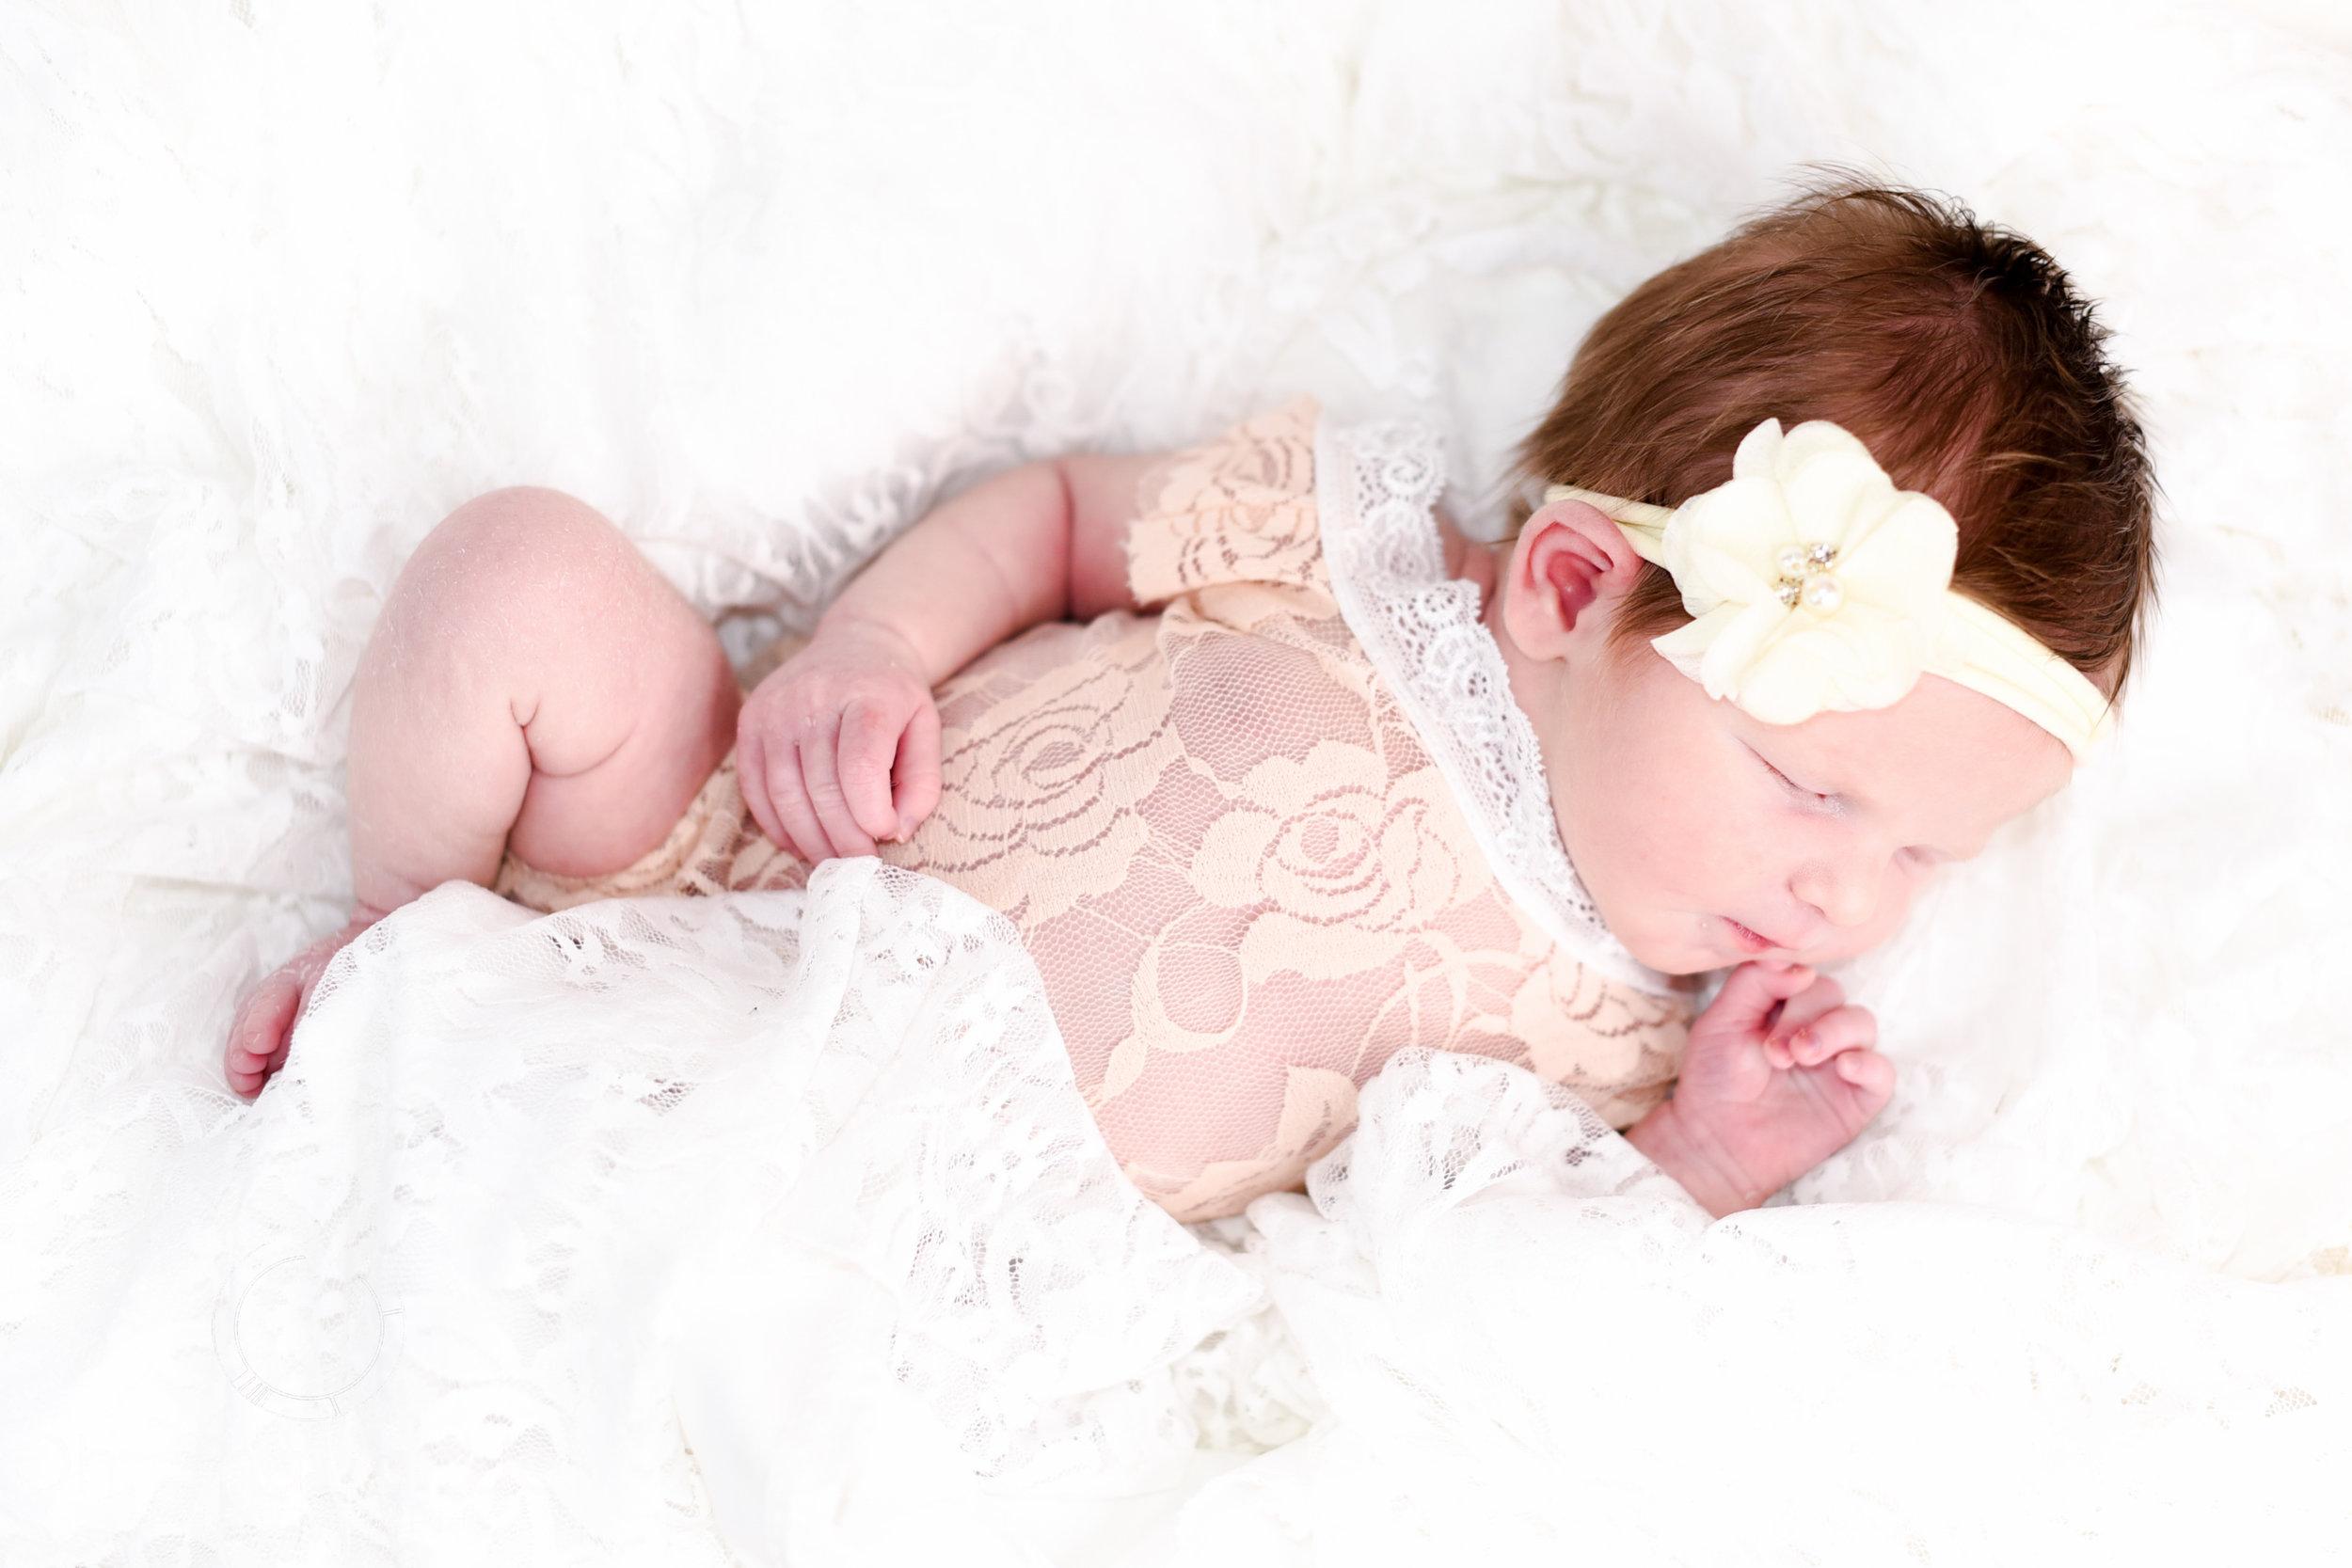 9-23-18 BabySmithWM-1-2.jpg